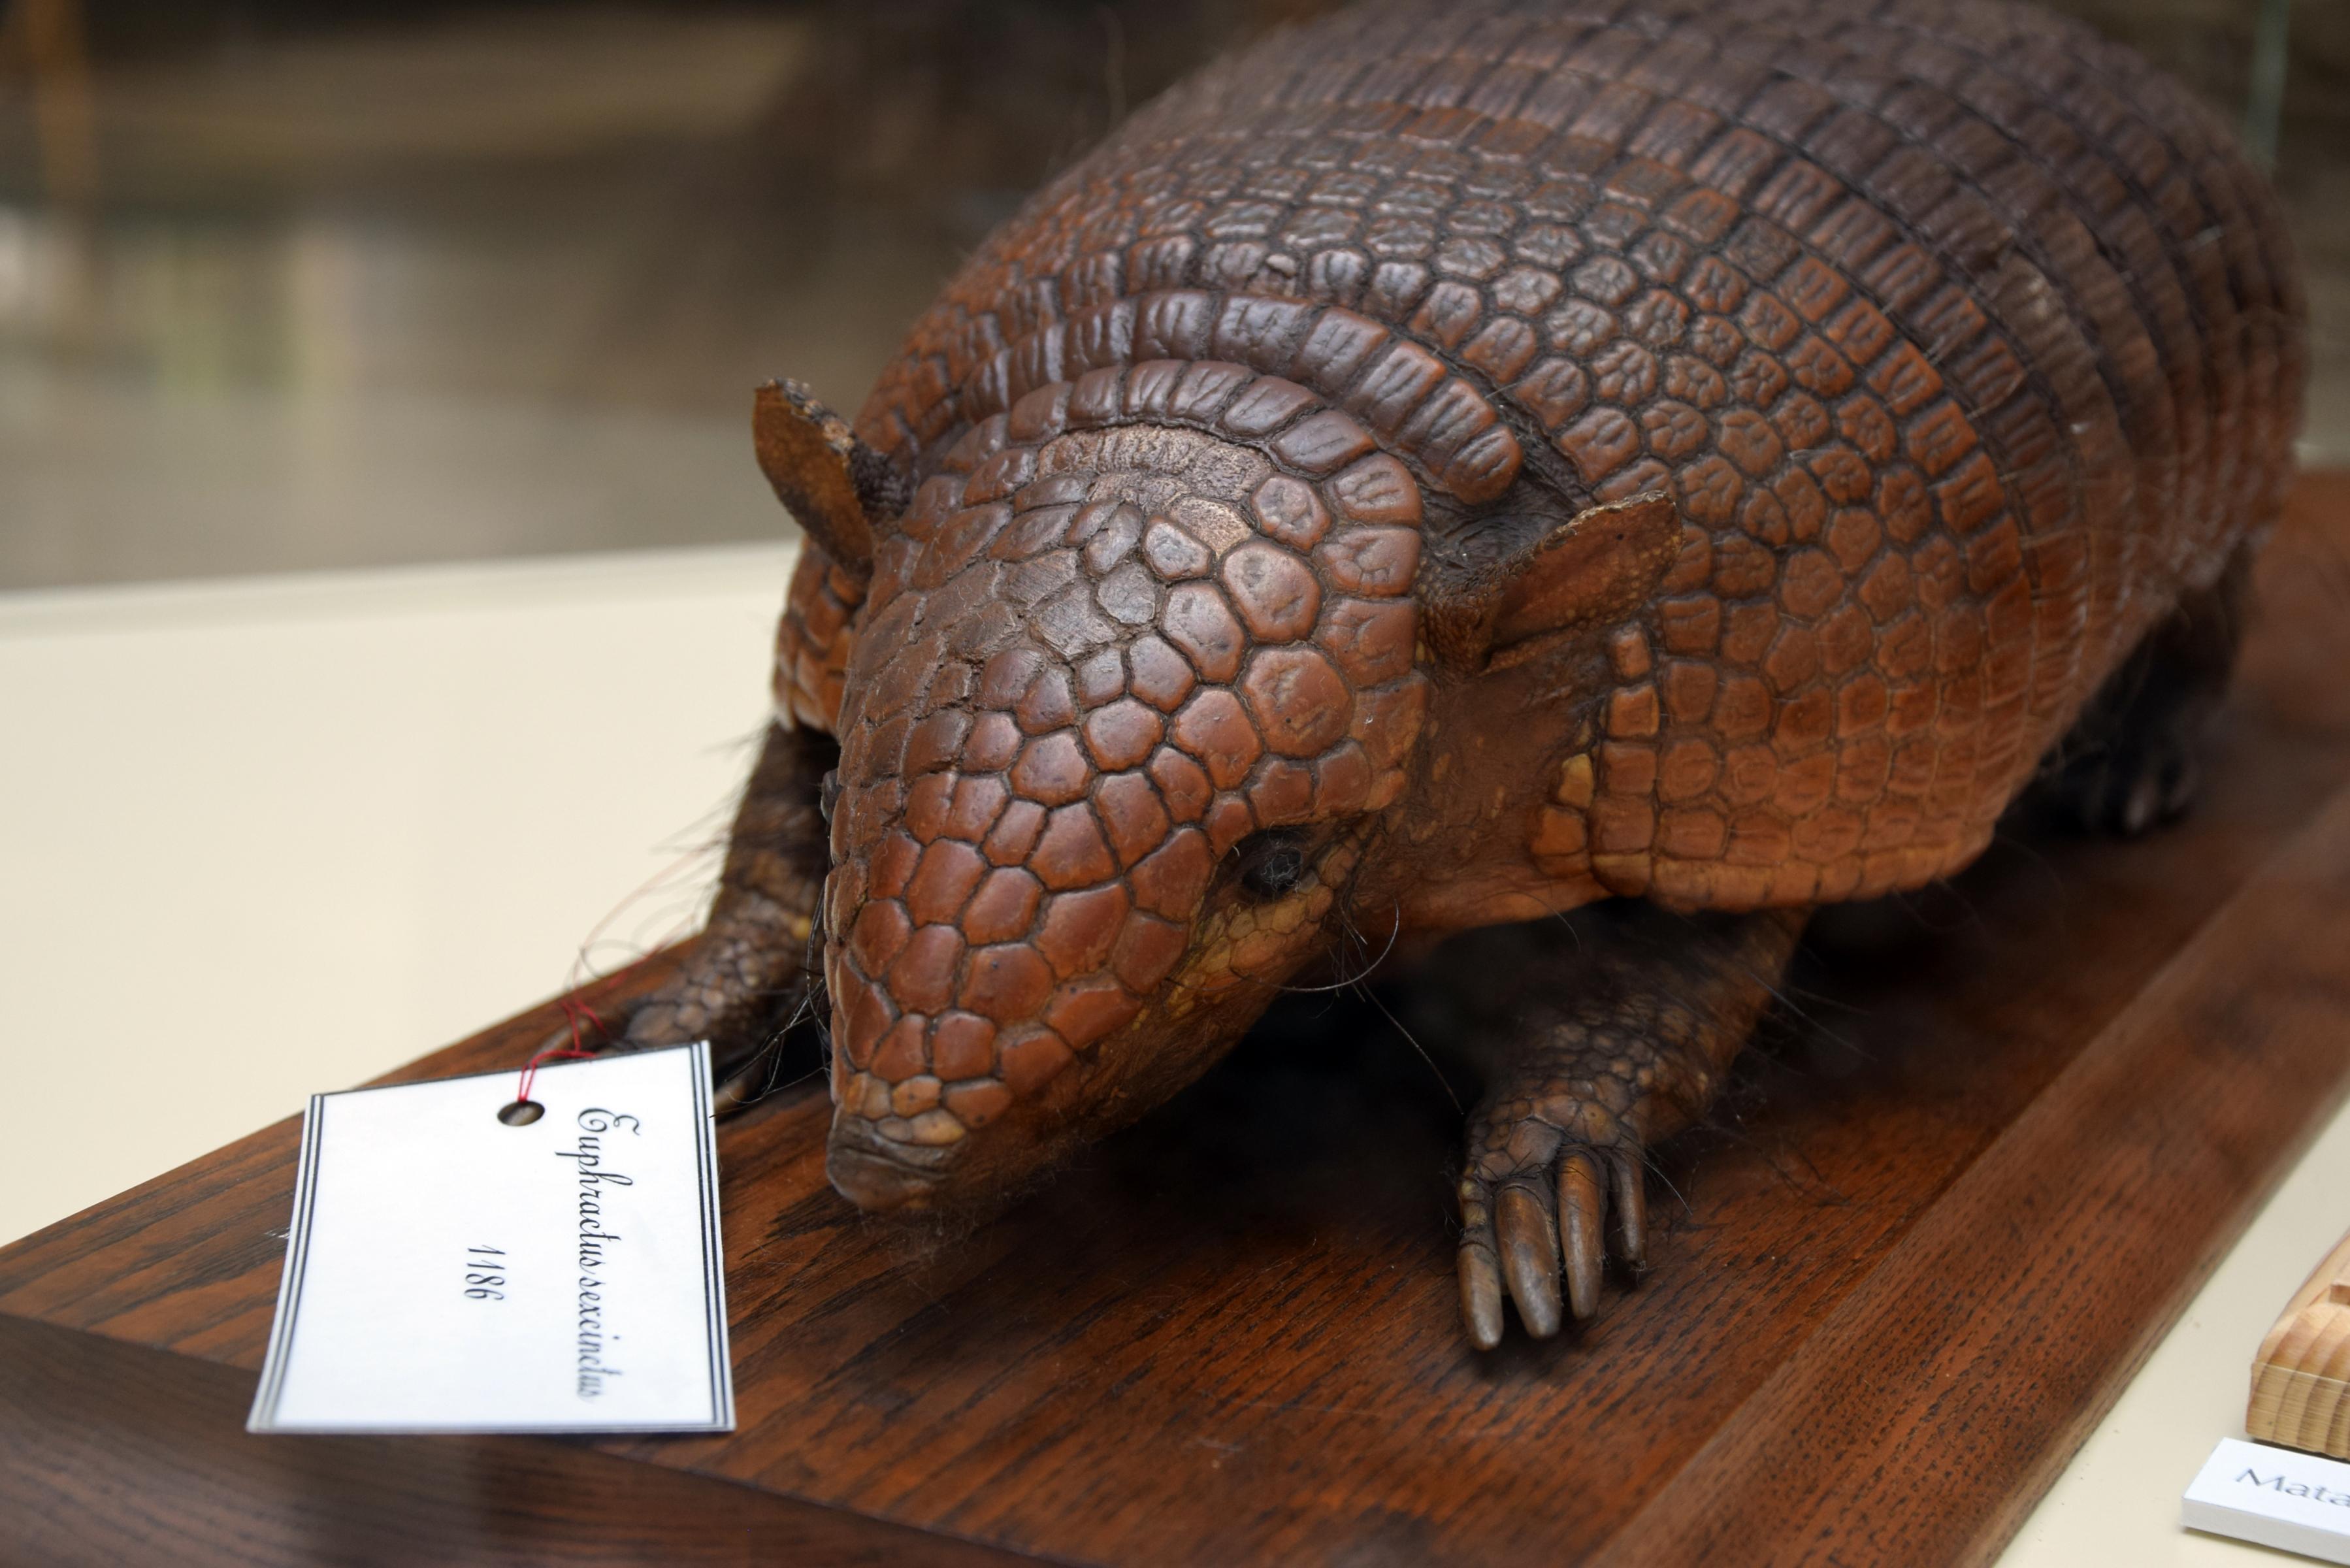 glyptodon_2016kupola_kovacseszter.jpg